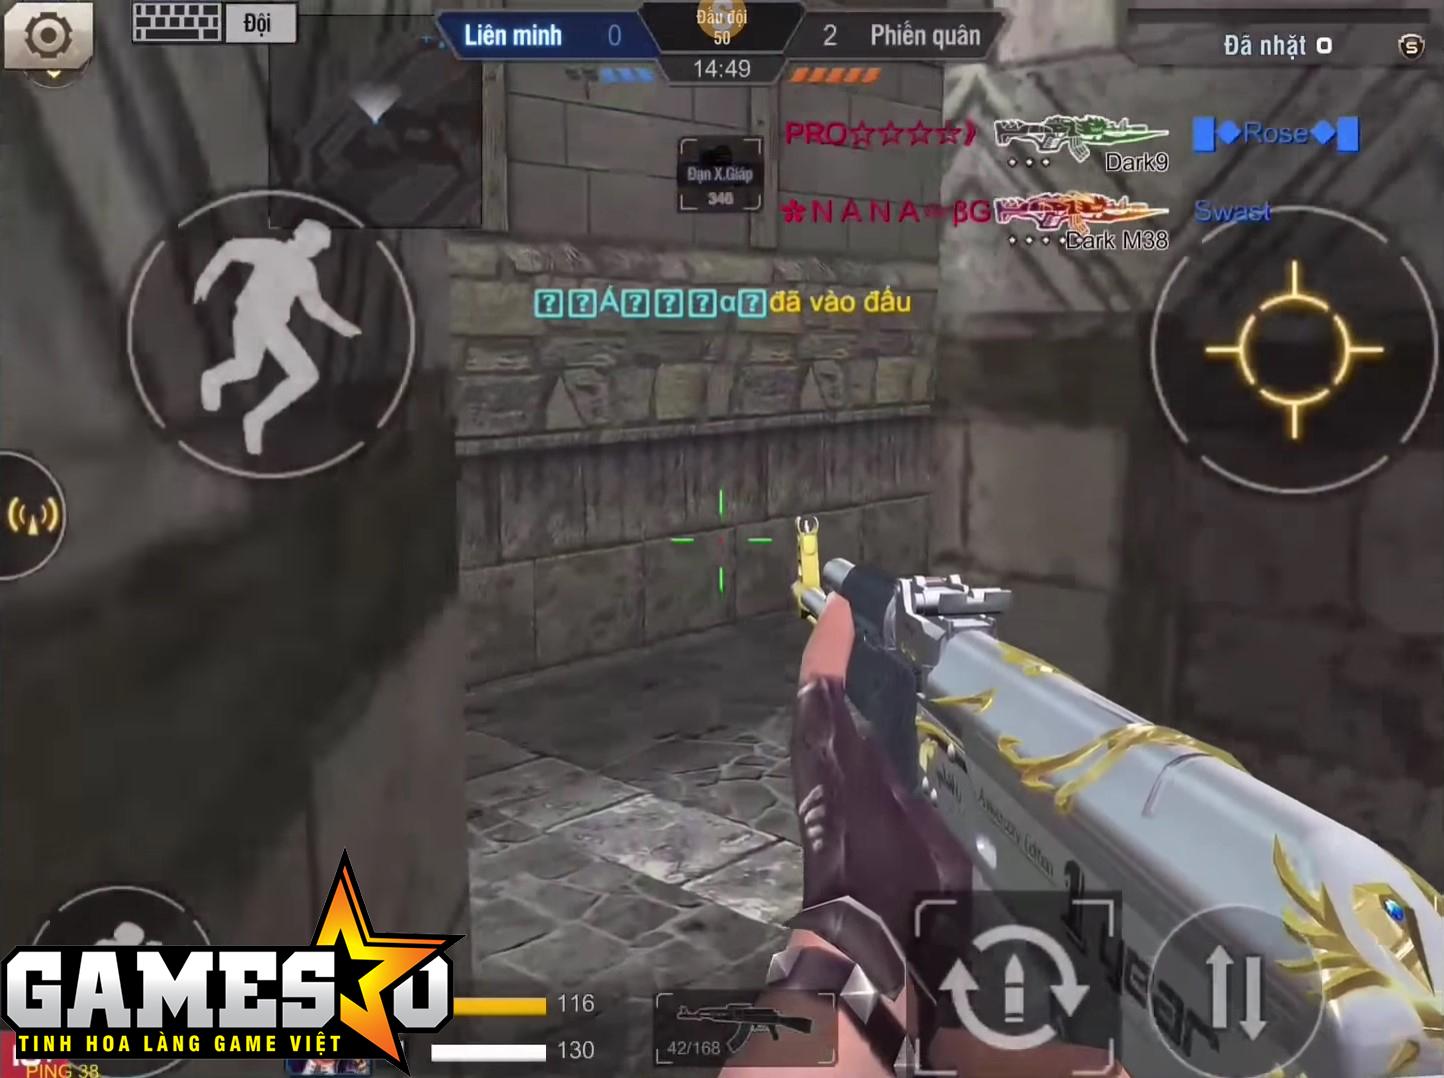 AK bạc, khẩu súng được VTC Mobile đưa vào Tập Kích để vinh danh ProGK